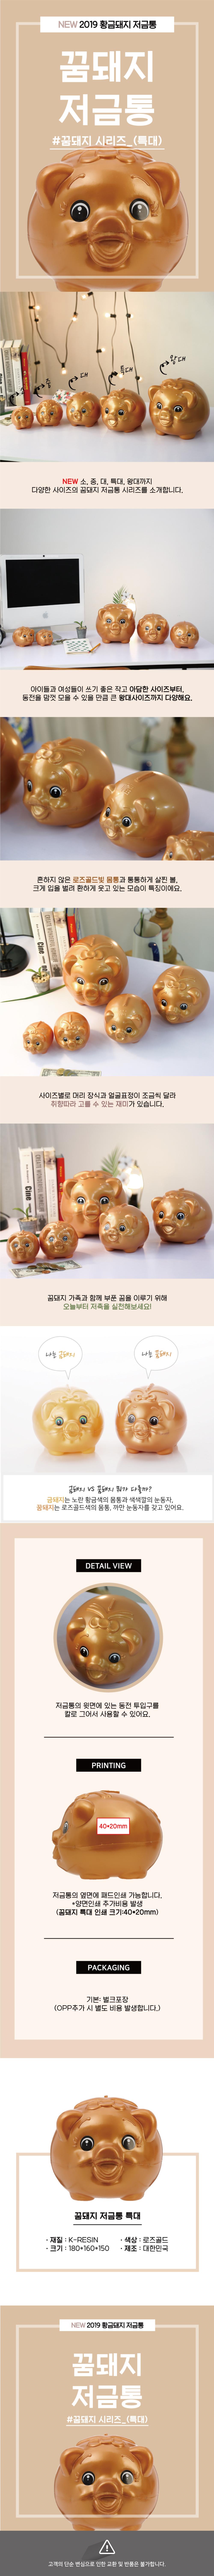 꿈돼지_특대_상페_1129수정.jpg